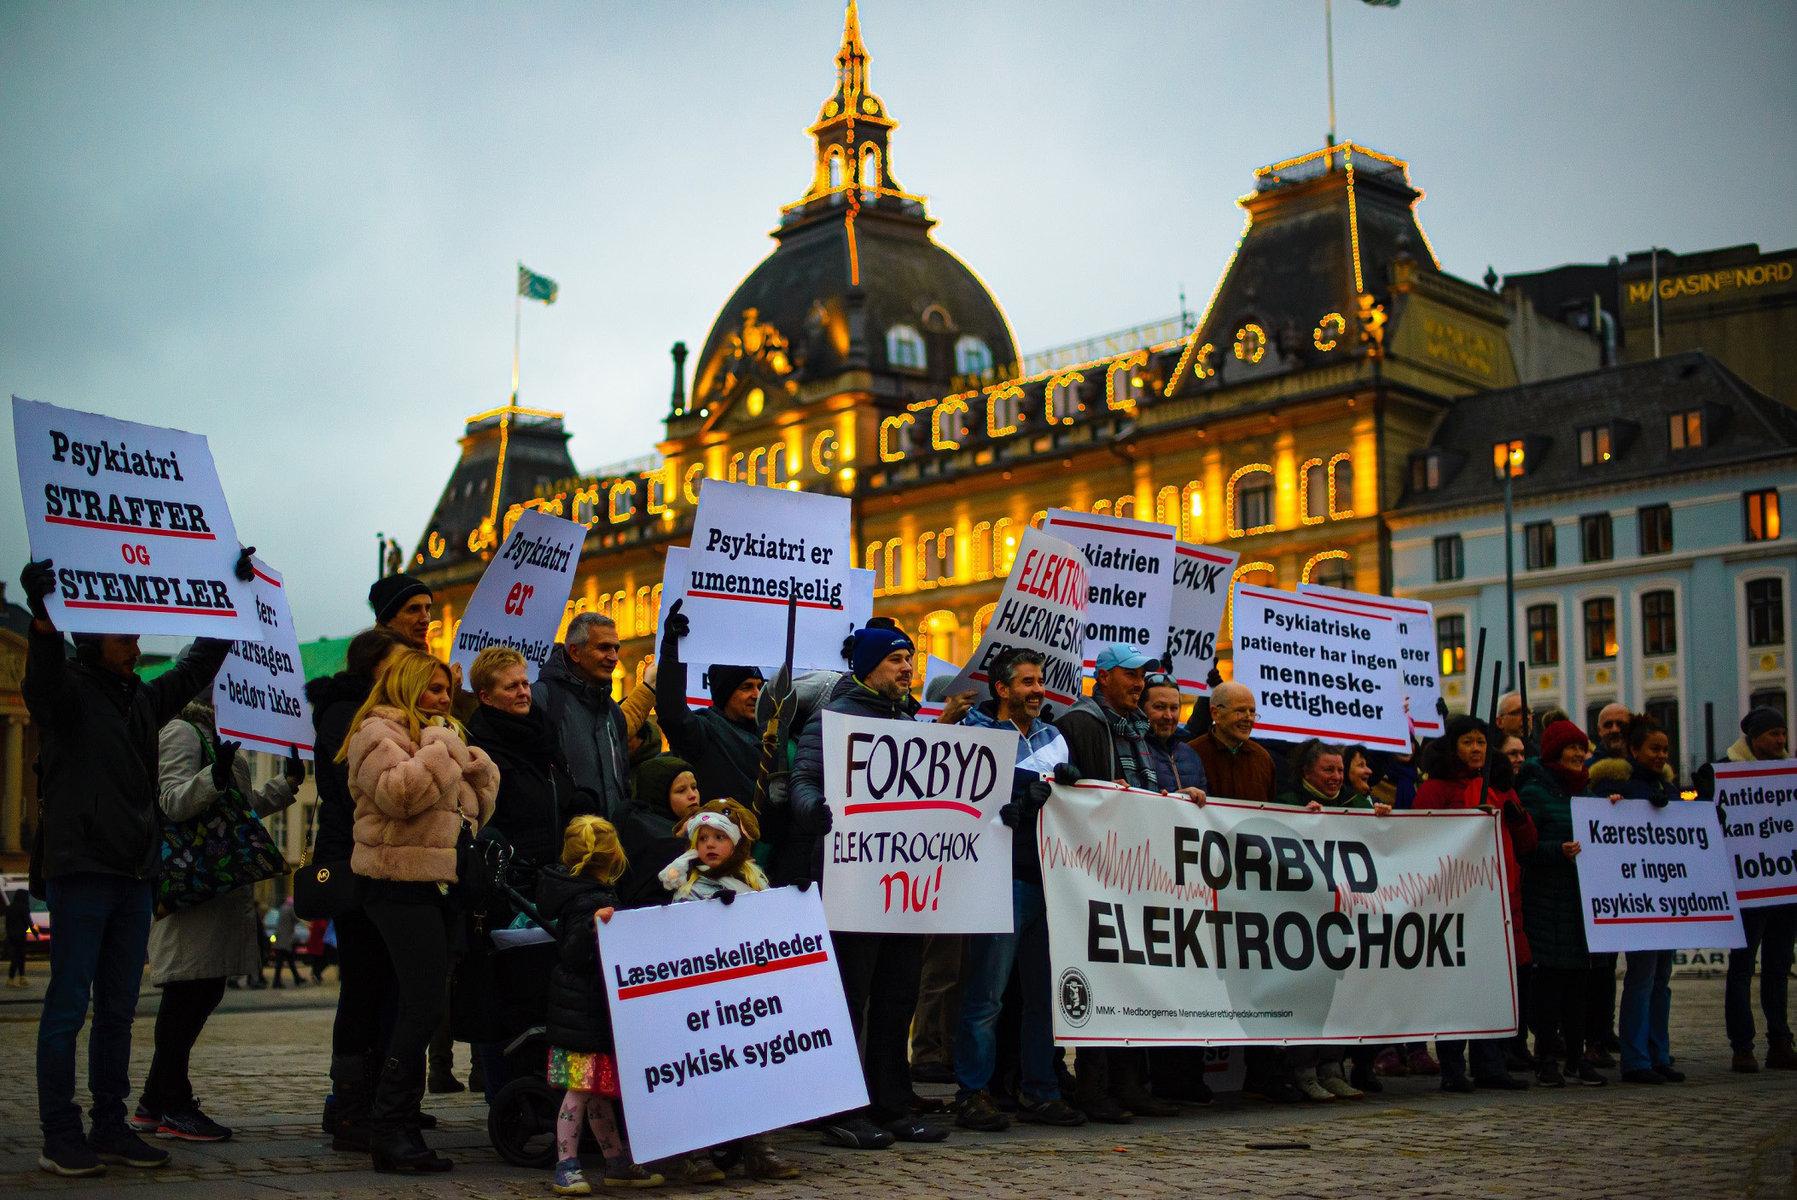 Un groupe de choc danois s'oppose à la torture